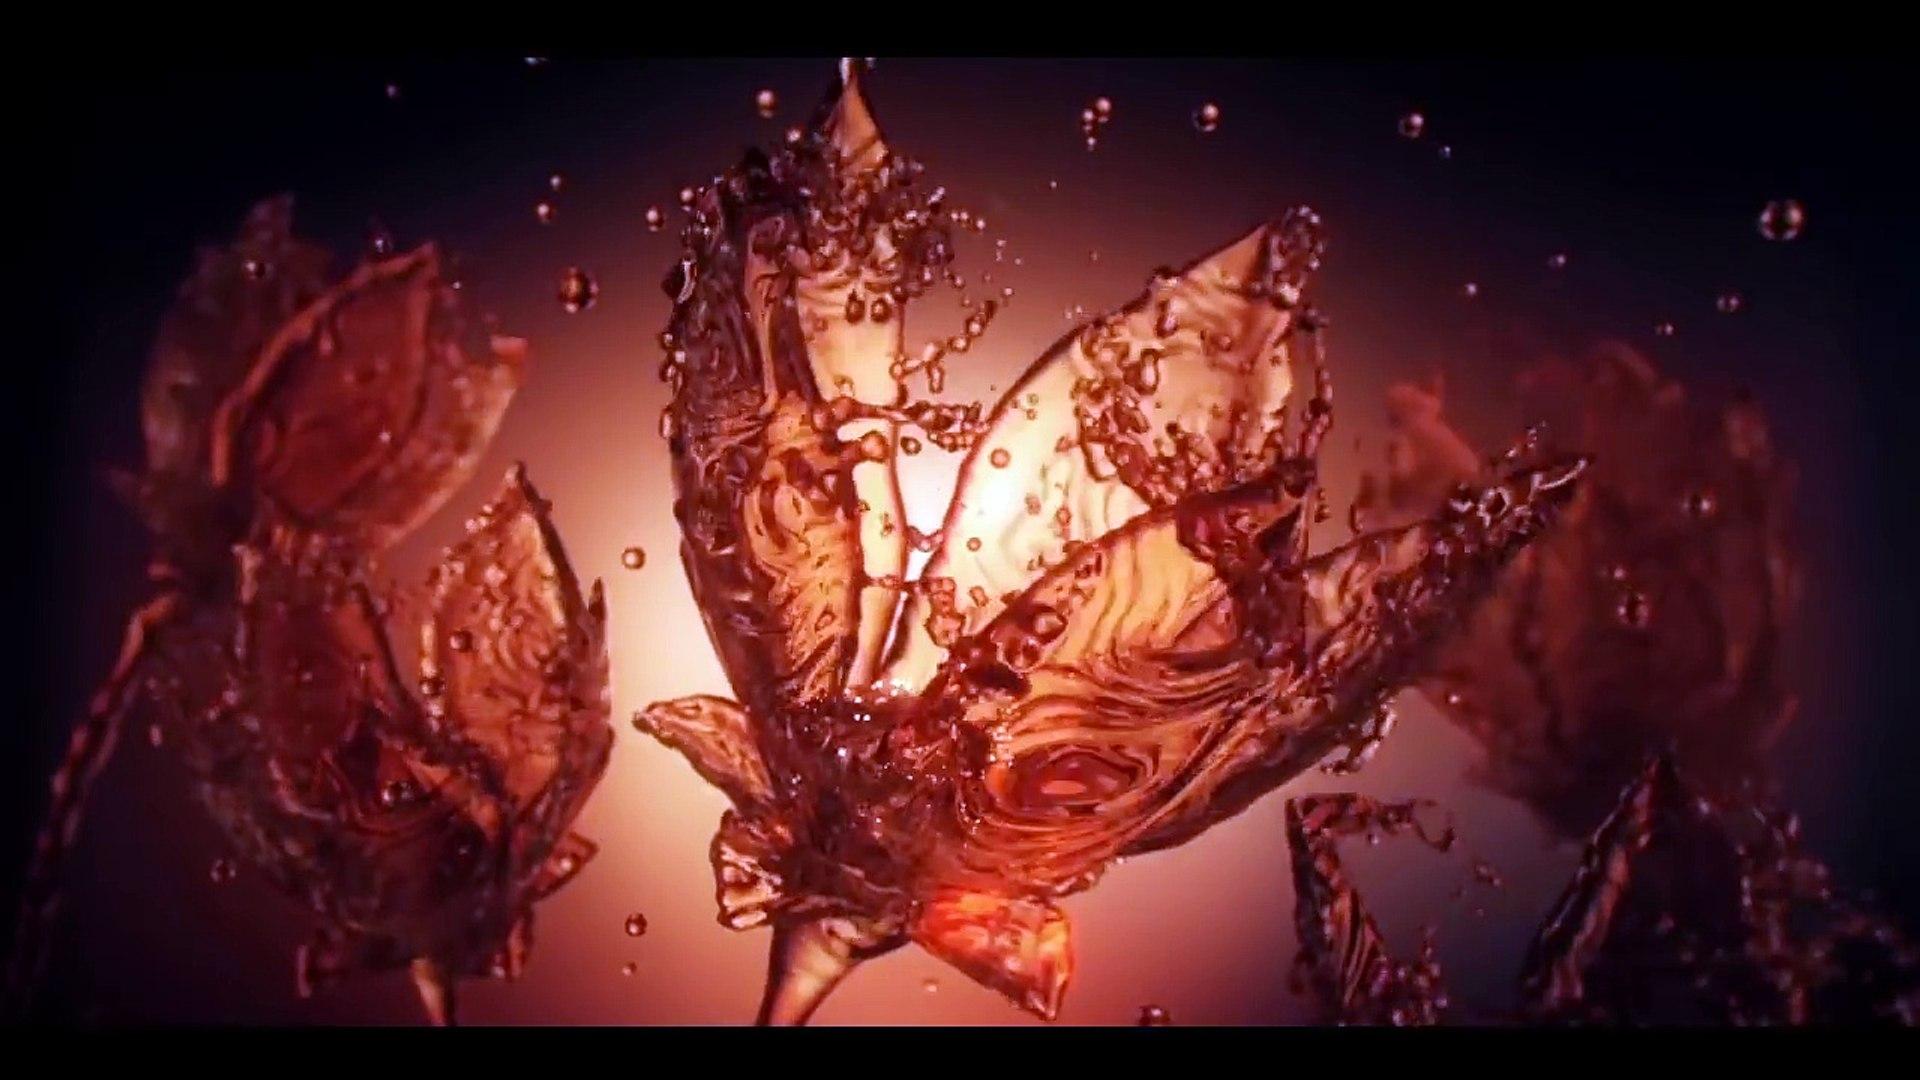 Houdini Tutorials water flowers